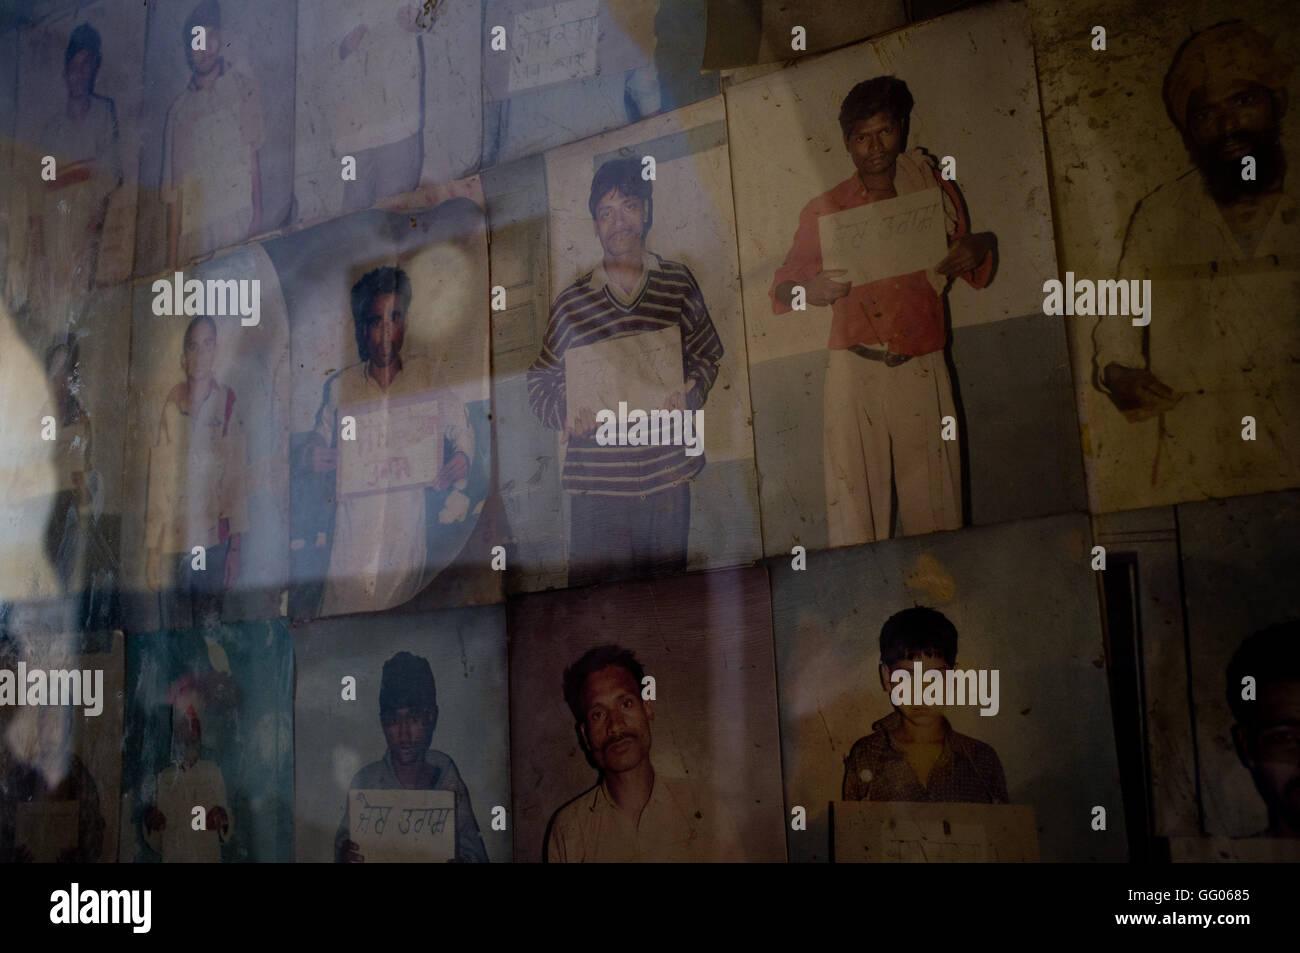 Amritsar, Punjab, en Inde. 12 mai, 2013. Image - Fichier d'affichage montrant les criminels vu au Golden Temple Banque D'Images